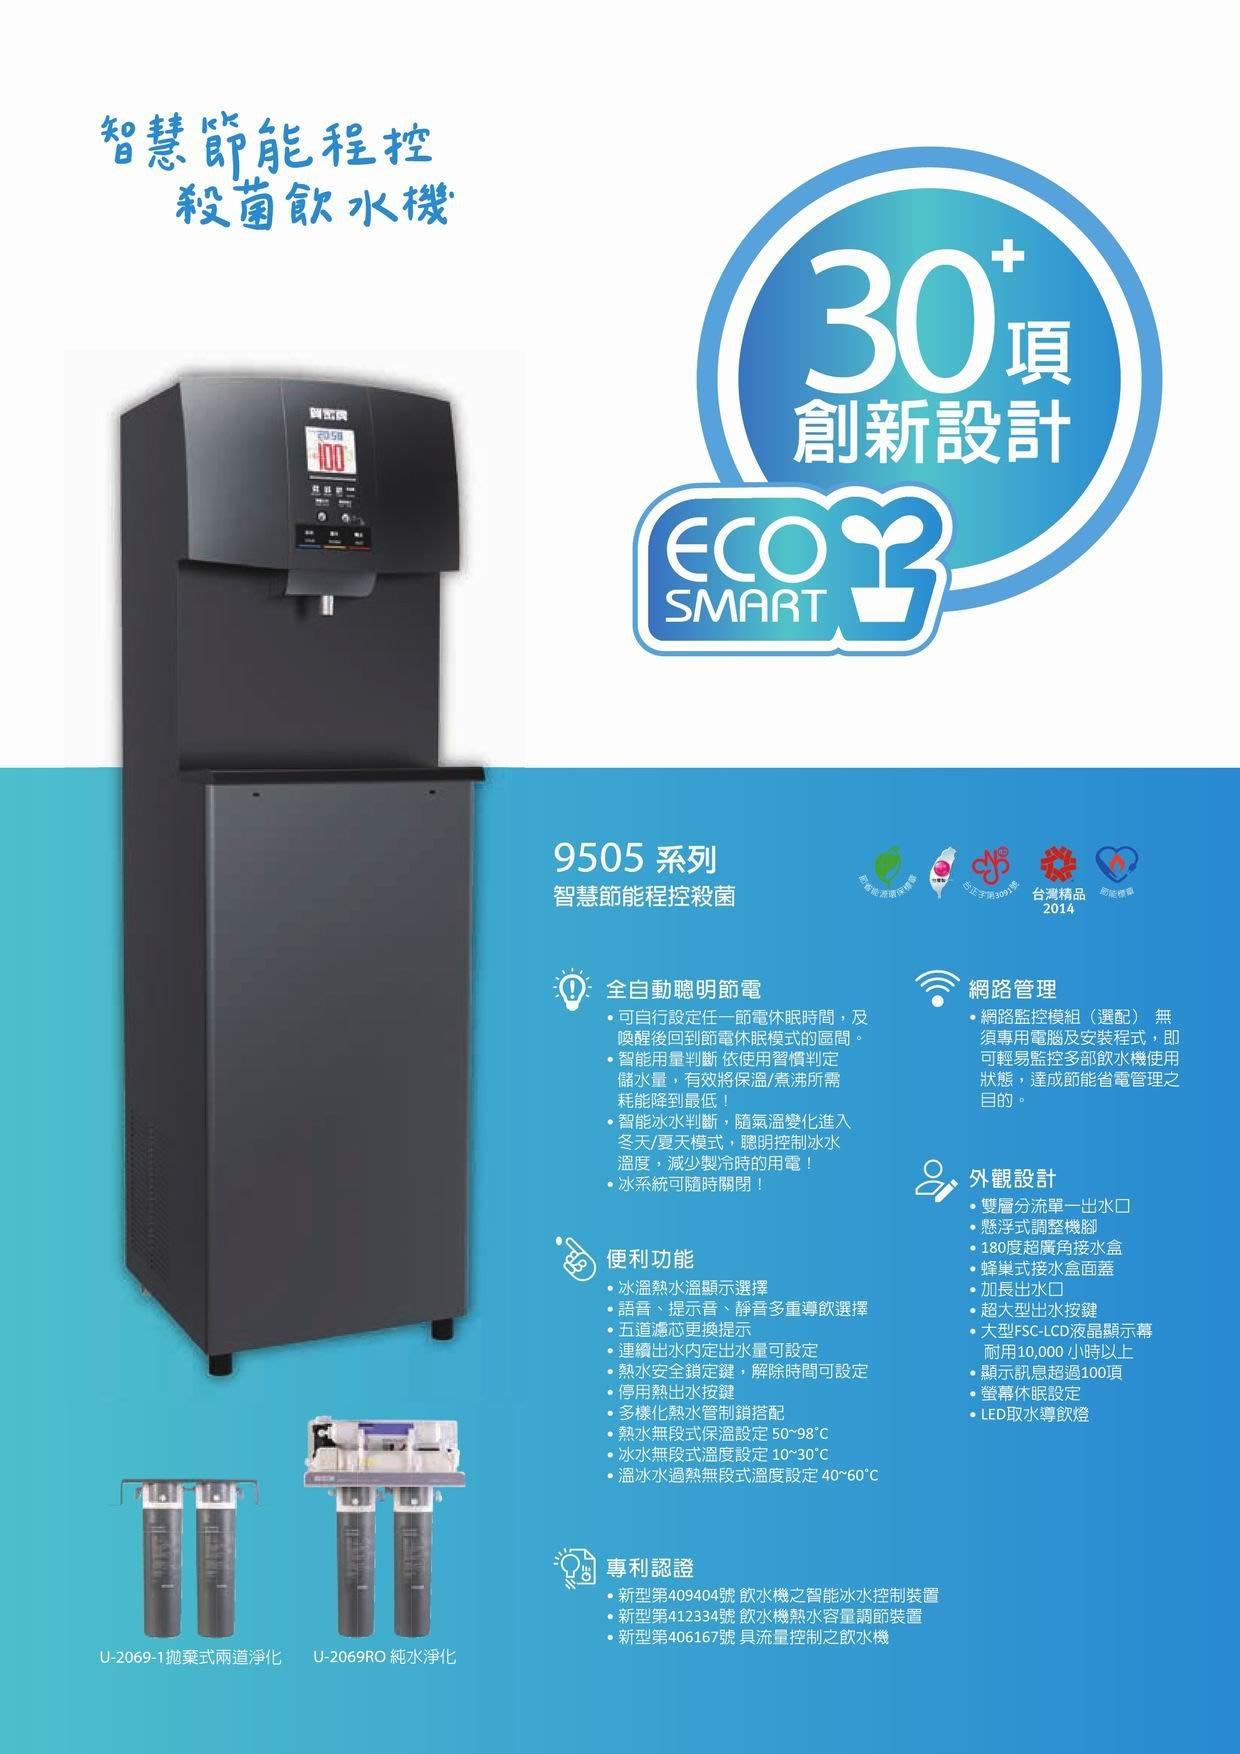 賀眾牌 商用飲水機 110V 營業用飲水機 UN-9505BG 智能程控溫熱二用飲水機 RO逆滲透淨化 安裝服務